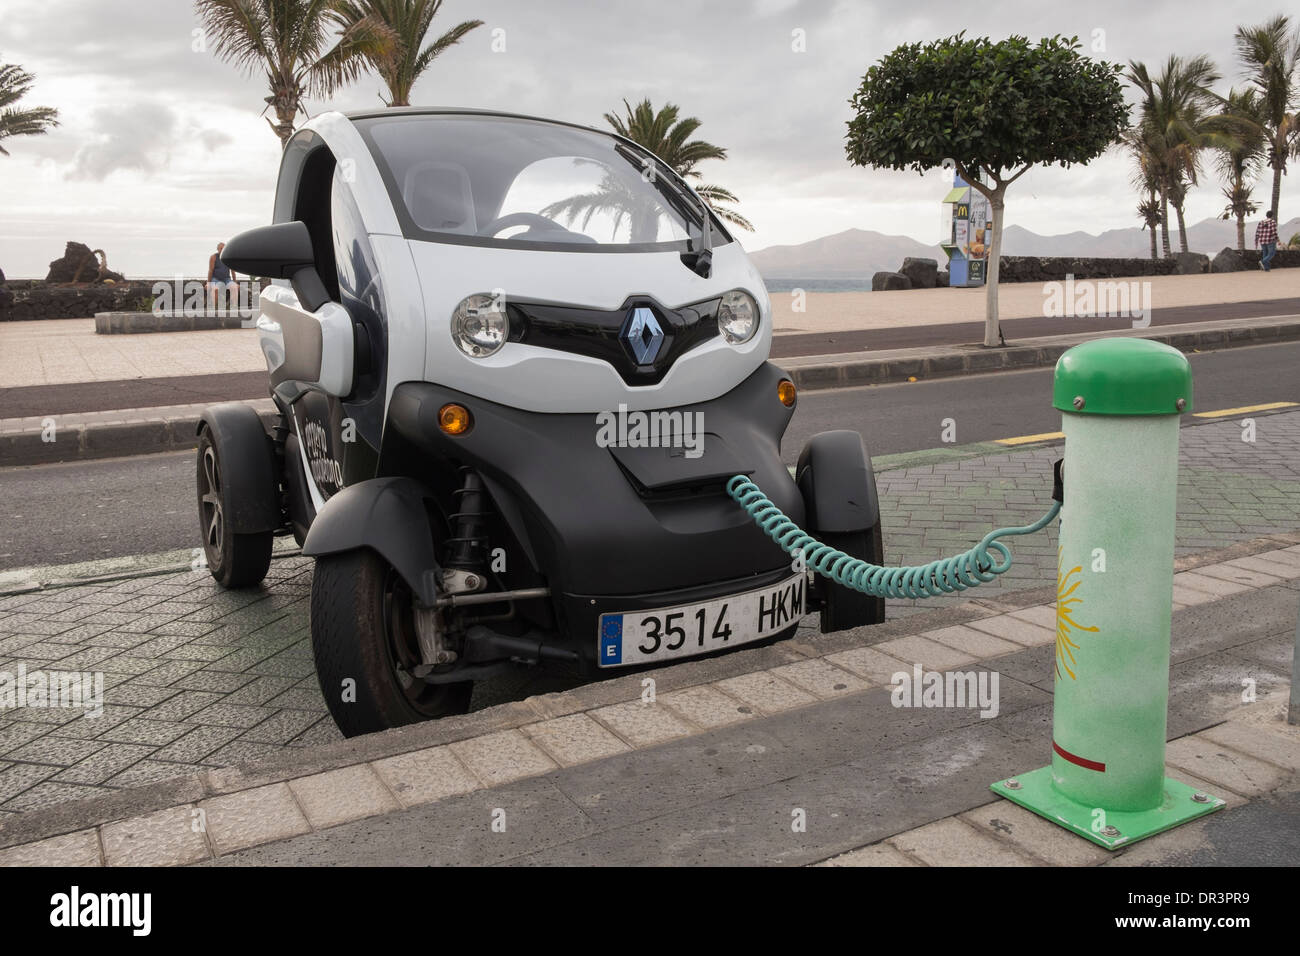 El Twizy Renault coche eléctrico alimentado por batería enchufado a un Sol-lar el punto de carga de la batería en la carretera en Islas Canarias, España Imagen De Stock